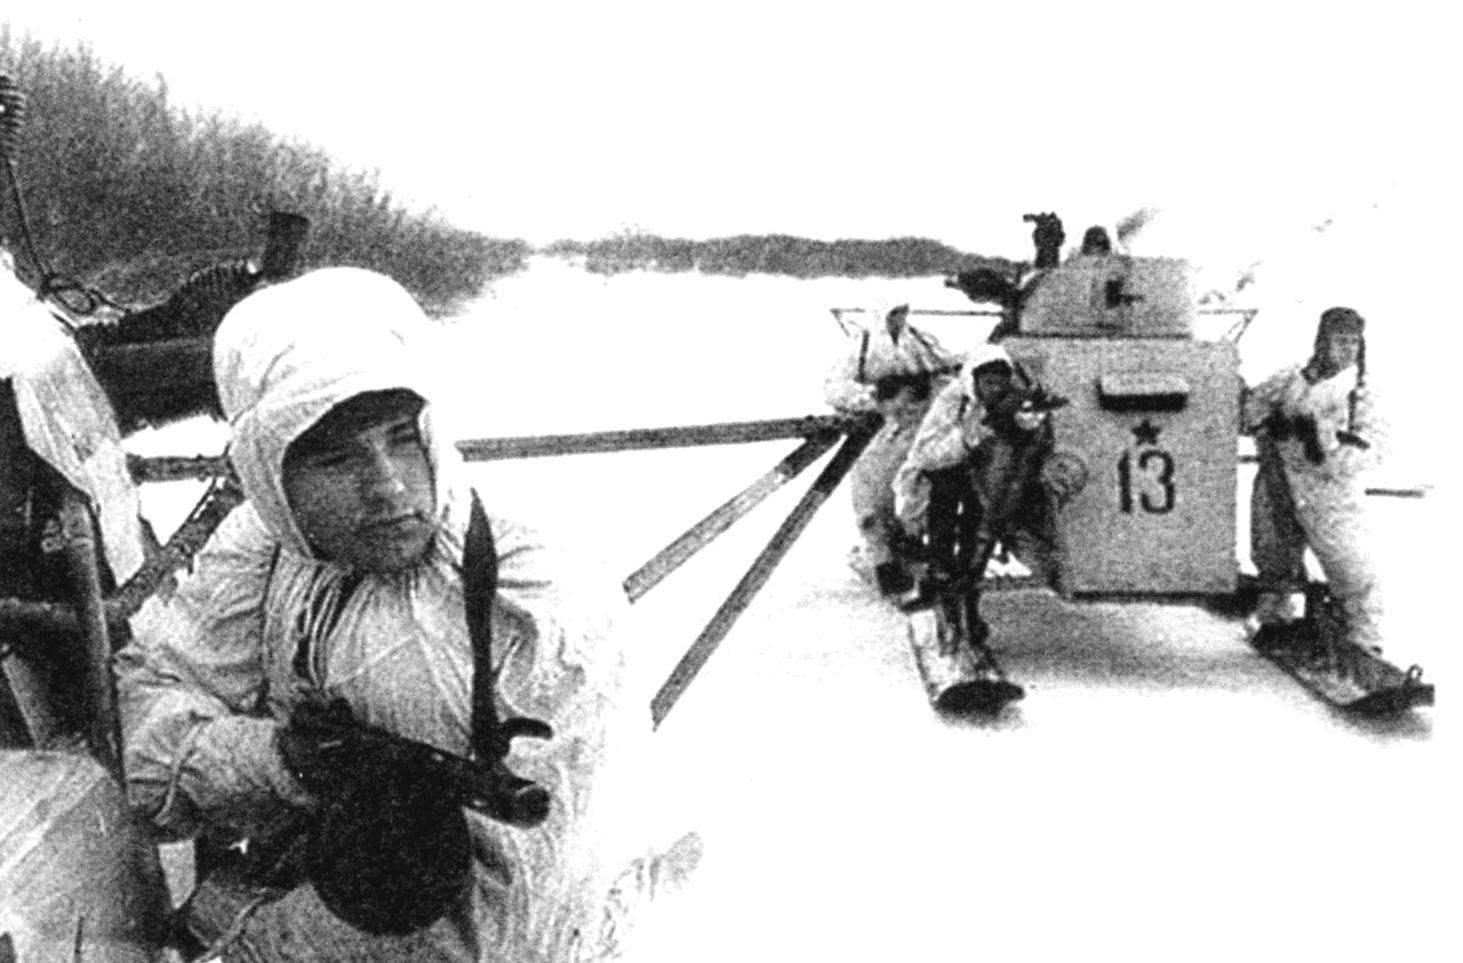 Аэросани НКЛ-26 подразделения капитана Пропятилова с десантом автоматчиков выходит на исходный рубеж. Район Новгорода, 1944 г.